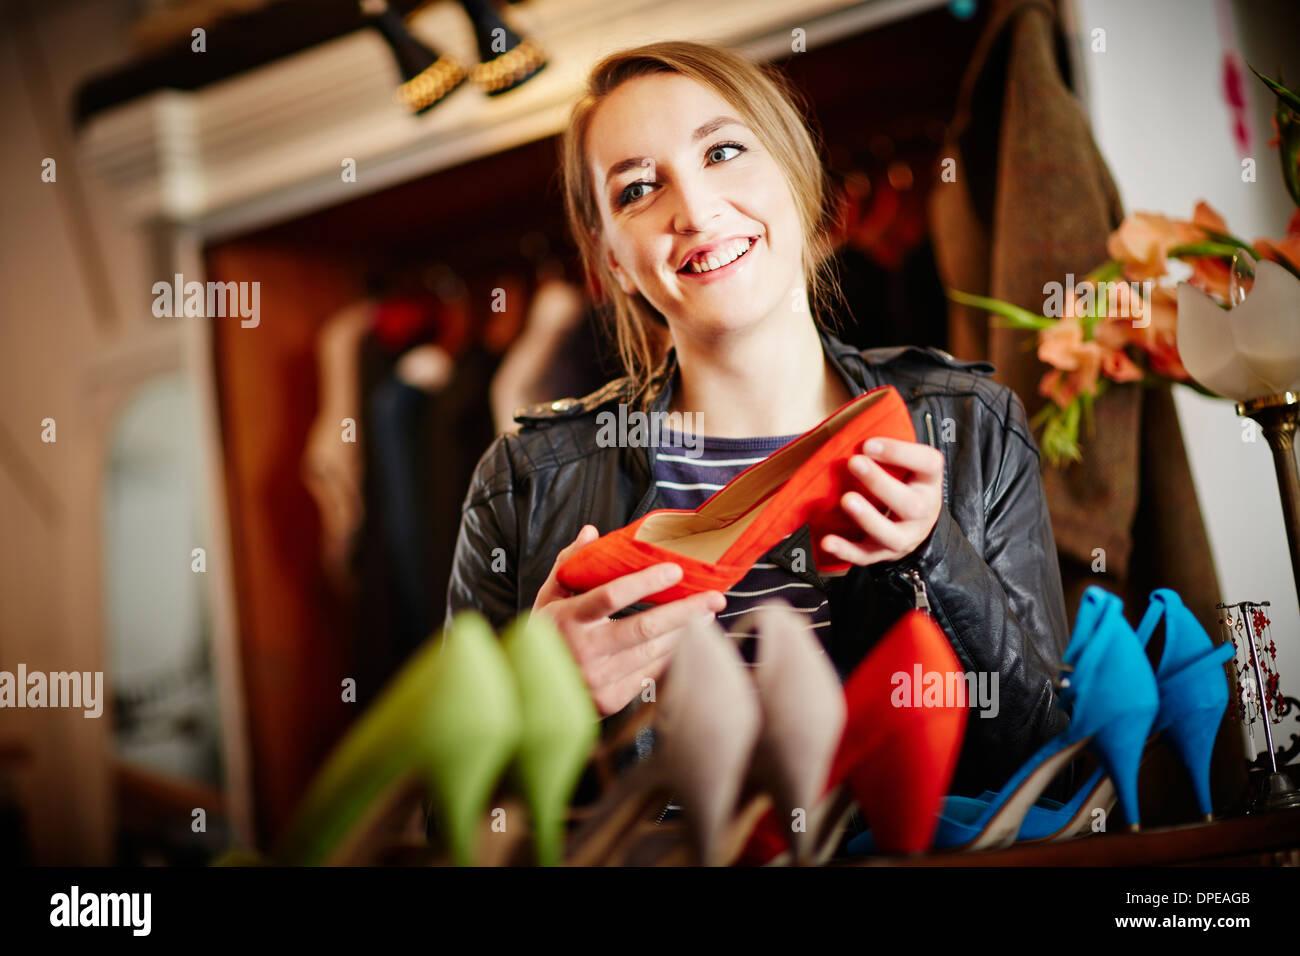 Jeune femme à la recherche de choix de chaussures à talon haut Photo Stock